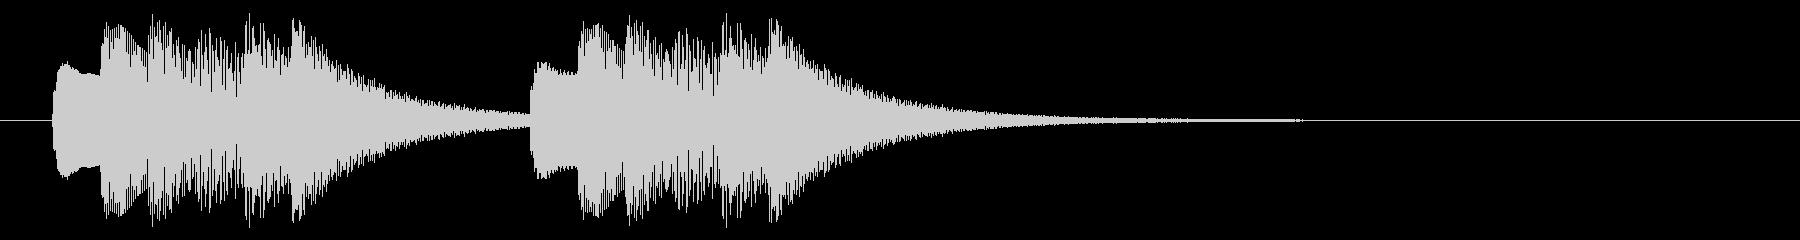 緊急アラート01-2の未再生の波形